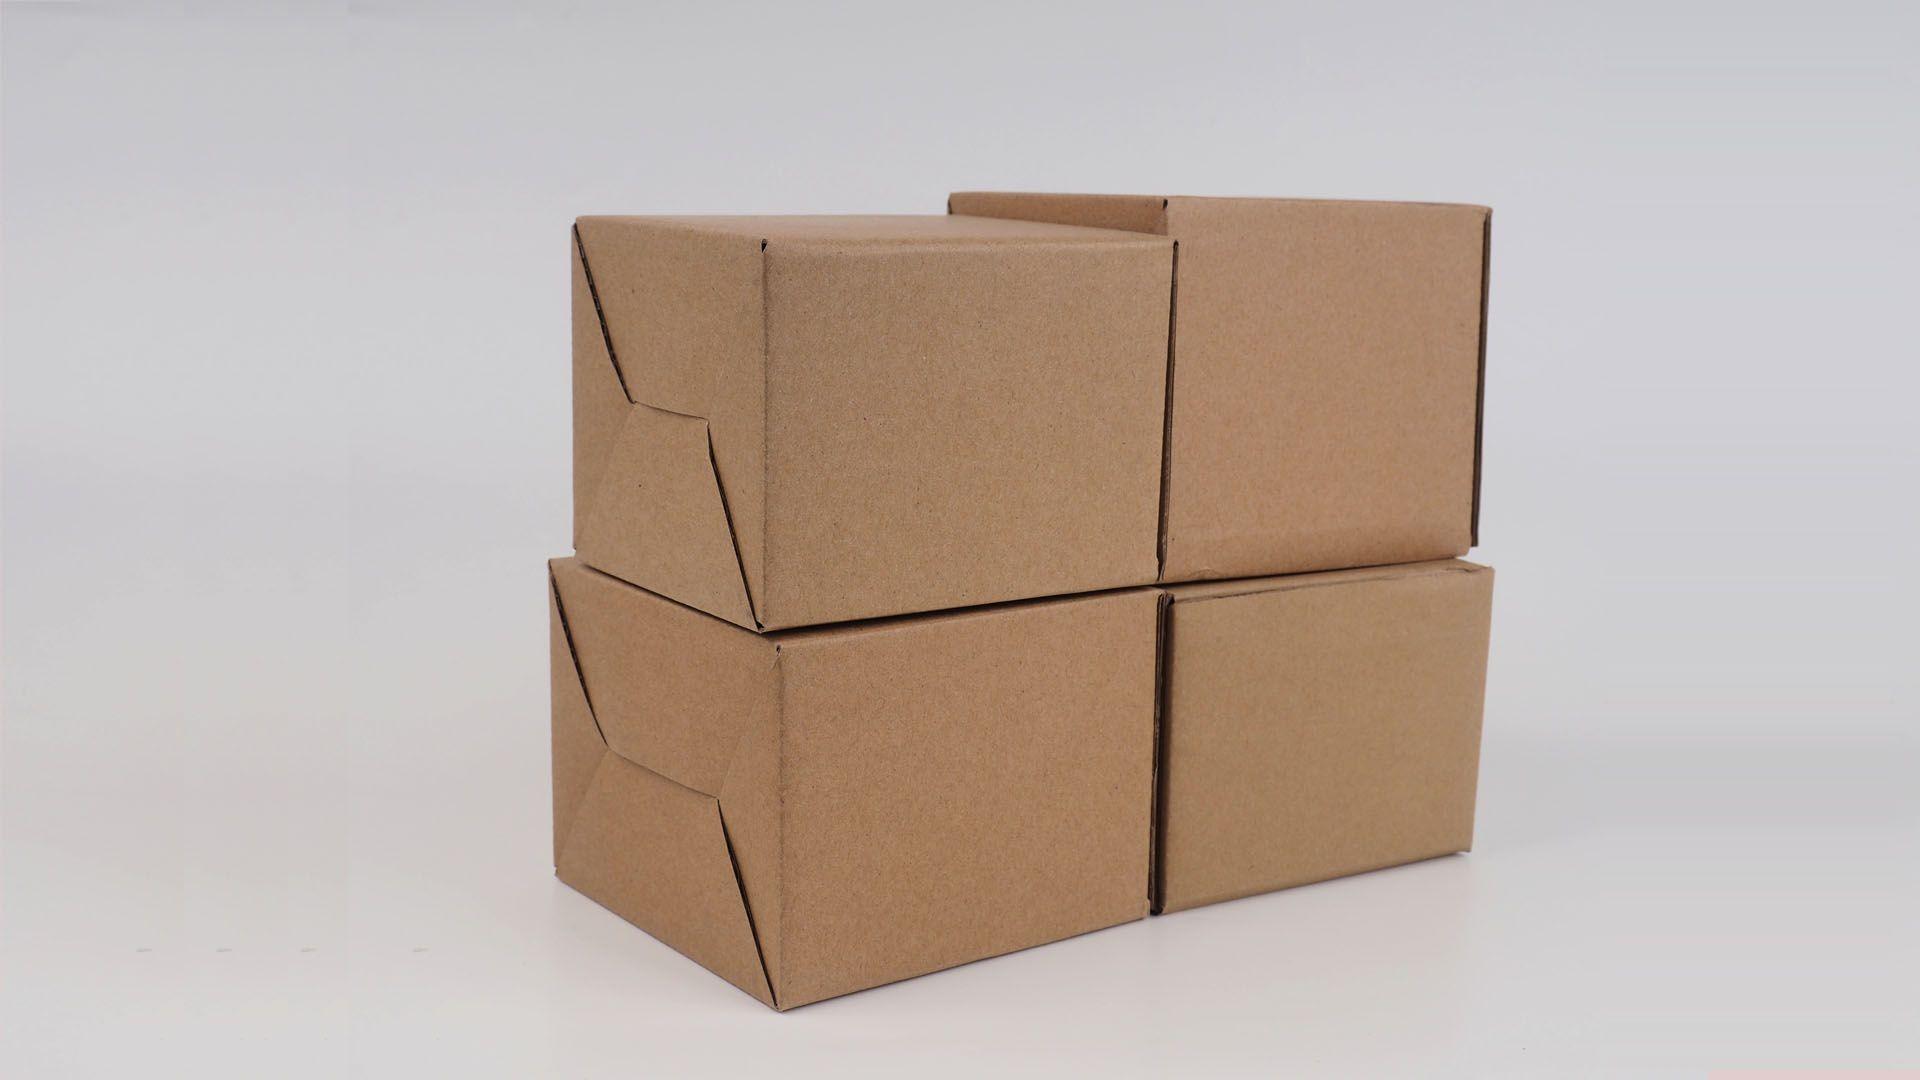 Cartón ondulado, cartón compacto y papel